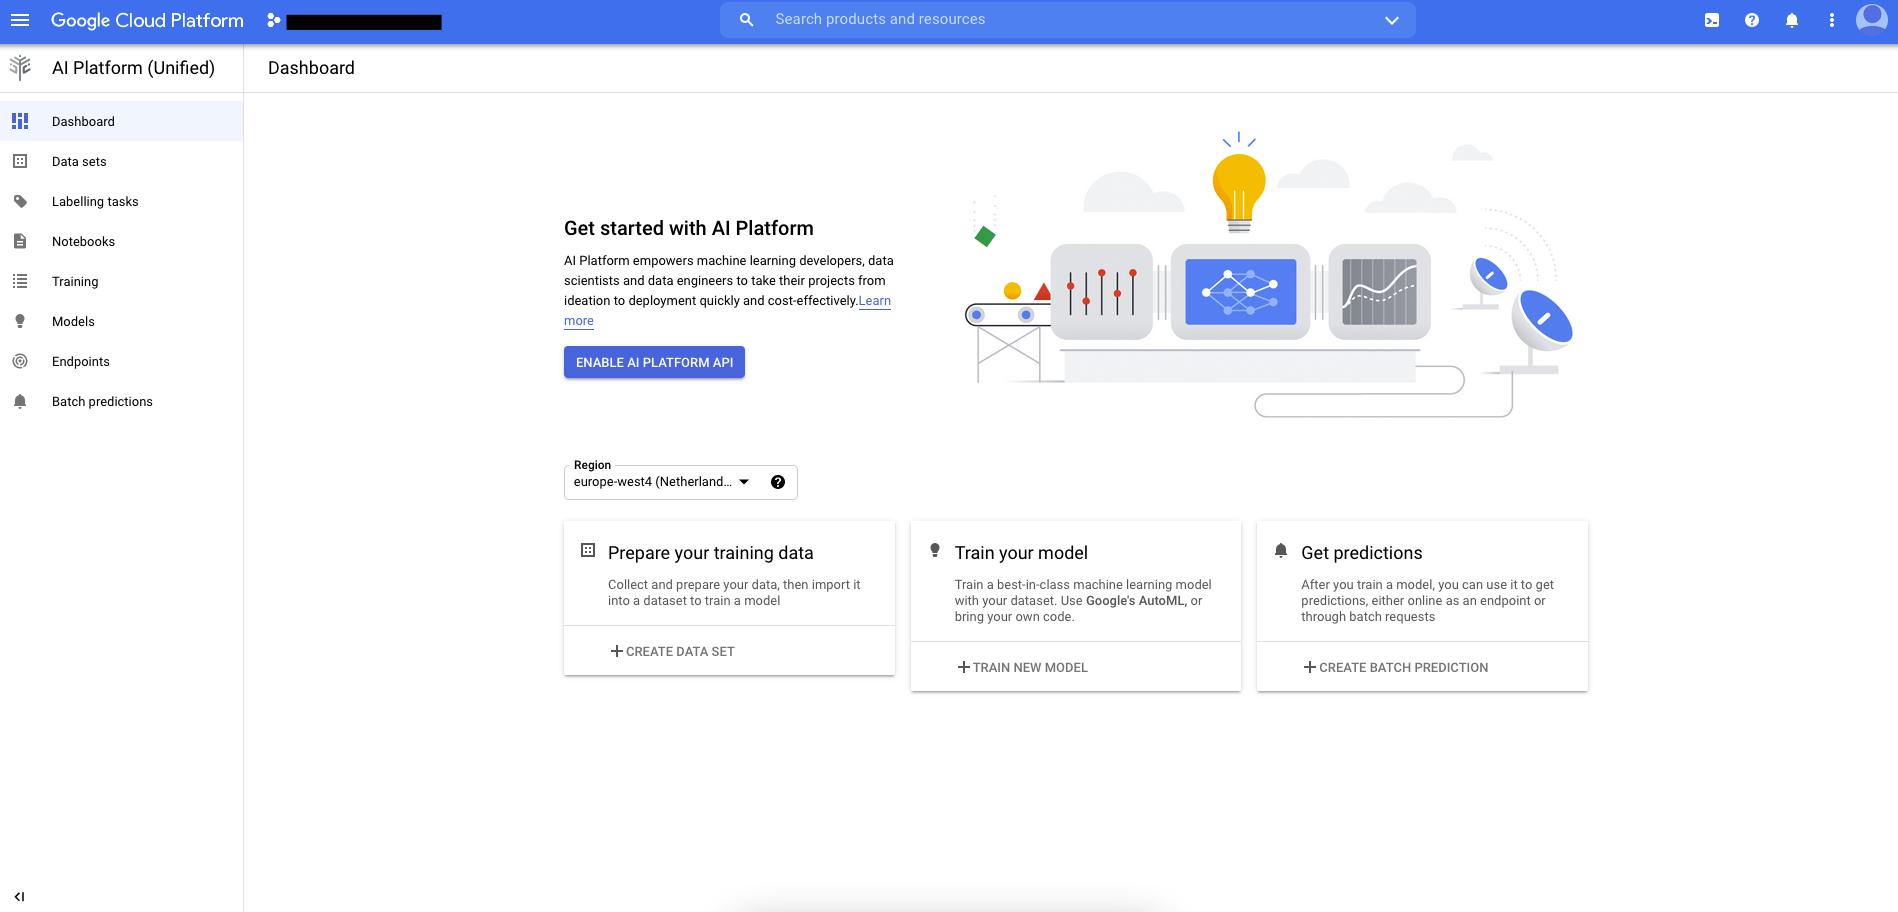 Startseite der AI Platform (Unified)